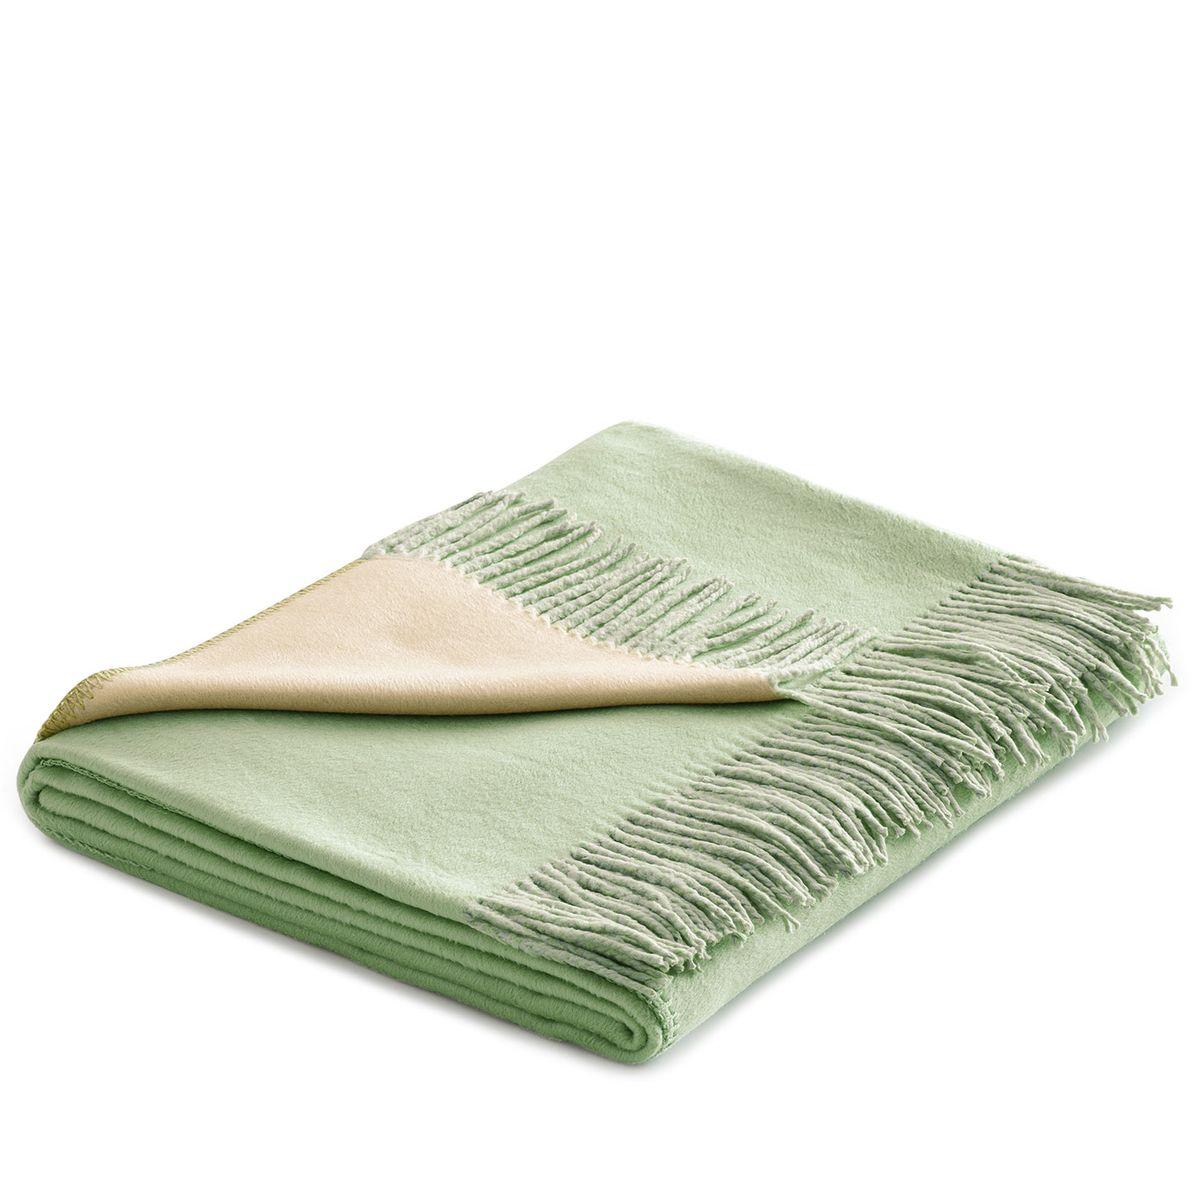 Плед Togas Хлопок-Шелк, цвет: бежевый, зеленый, 140 х 180 см21395560Утонченный плед Togas Хлопок-Шелк - это высшая роскошь и настоящее наслаждение. Нежное, скользящее прикосновение этой божественной ткани наполняет блаженством и легкостью. Необычный дизайн позволяет в мгновение ока трансформировать пространство вашей спальни или гостиной: просто поверните плед стороной того цвета, который вам сейчас по душе, - и наслаждайтесь непринужденной грацией элегантно драпирующихся складок, ниспадающих шелковистым каскадом. Несмотря на удивительную тонкость и невесомость, плед из 75% шелка и 25% хлопка очень практичен и прост в уходе, а значит - прослужит вам долгие годы, став неотъемлемой частью вашего уюта и комфорта.